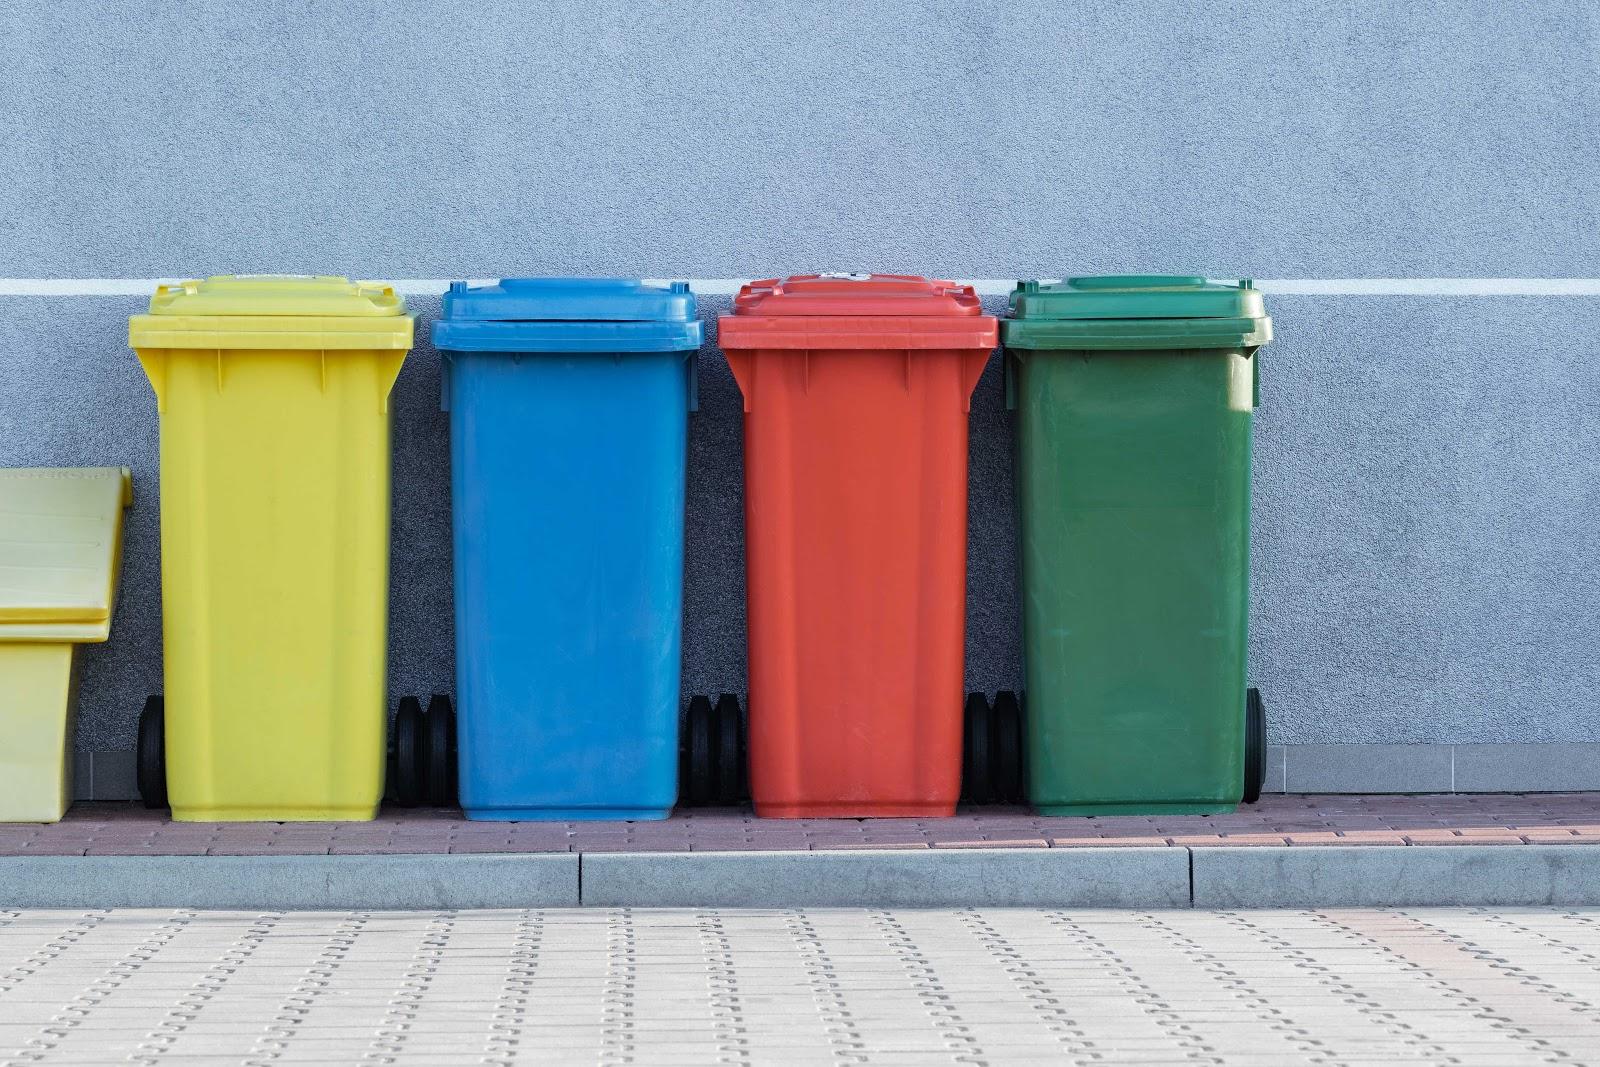 Quatre poubelles pour le recyclage de différentes couleur : jaune, rouge, bleue, verte